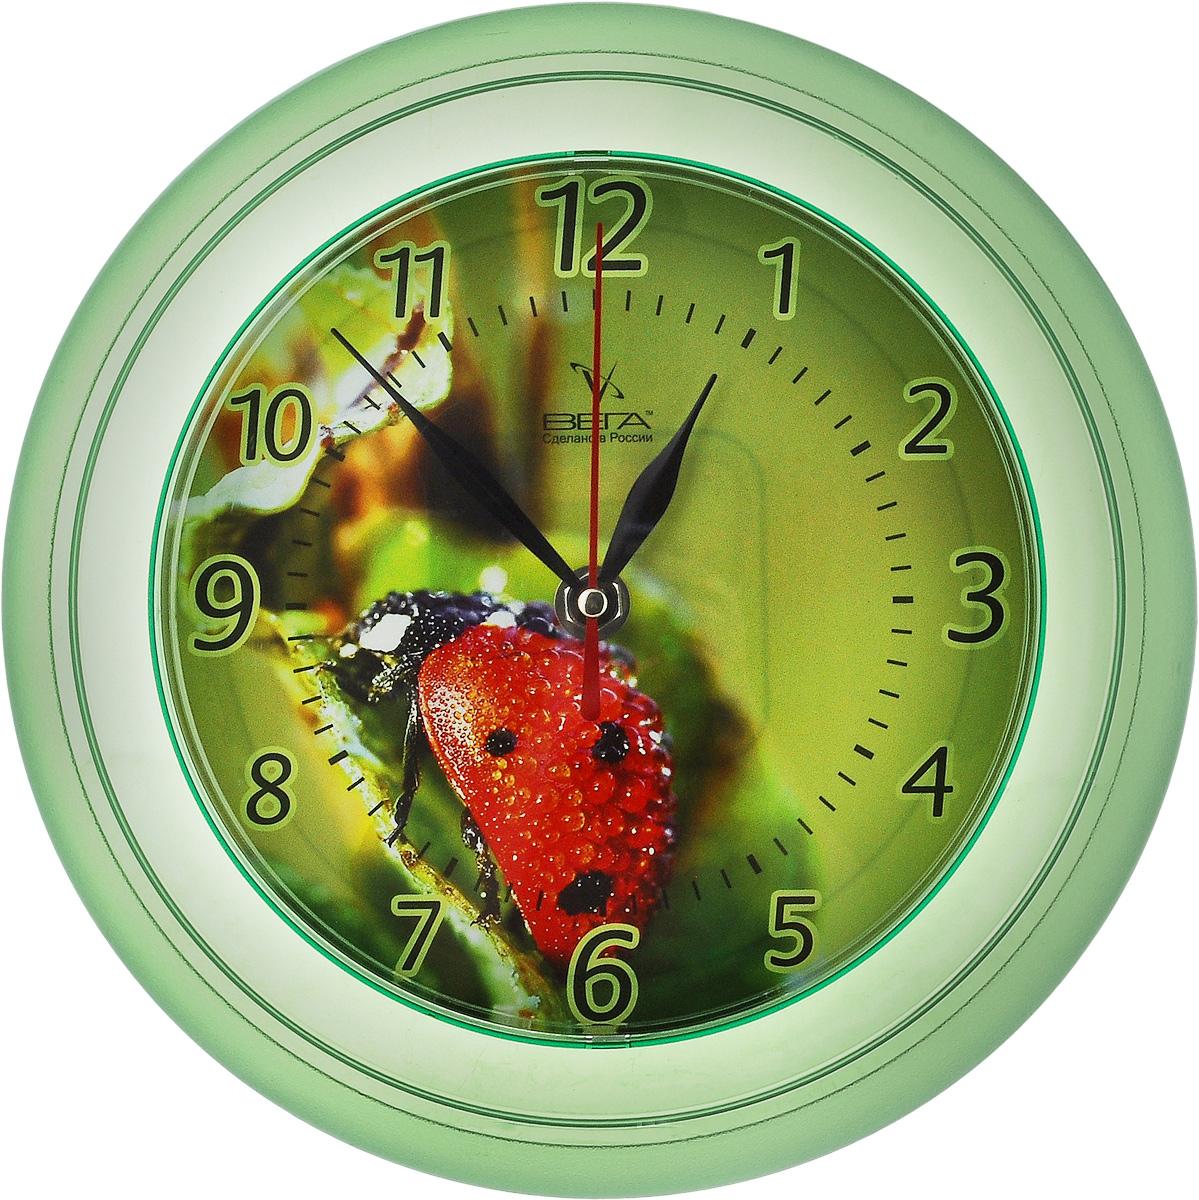 Часы настенные Вега Божья коровка, диаметр 22,5 см54 009318Настенные кварцевые часы Вега Божья коровка, изготовленные из пластика, прекрасно впишутся в интерьер вашего дома. Круглые часы имеют три стрелки: часовую, минутную и секундную, циферблат защищен прозрачным стеклом. Часы работают от 1 батарейки типа АА напряжением 1,5 В (не входит в комплект). Диаметр часов: 22,5 см.